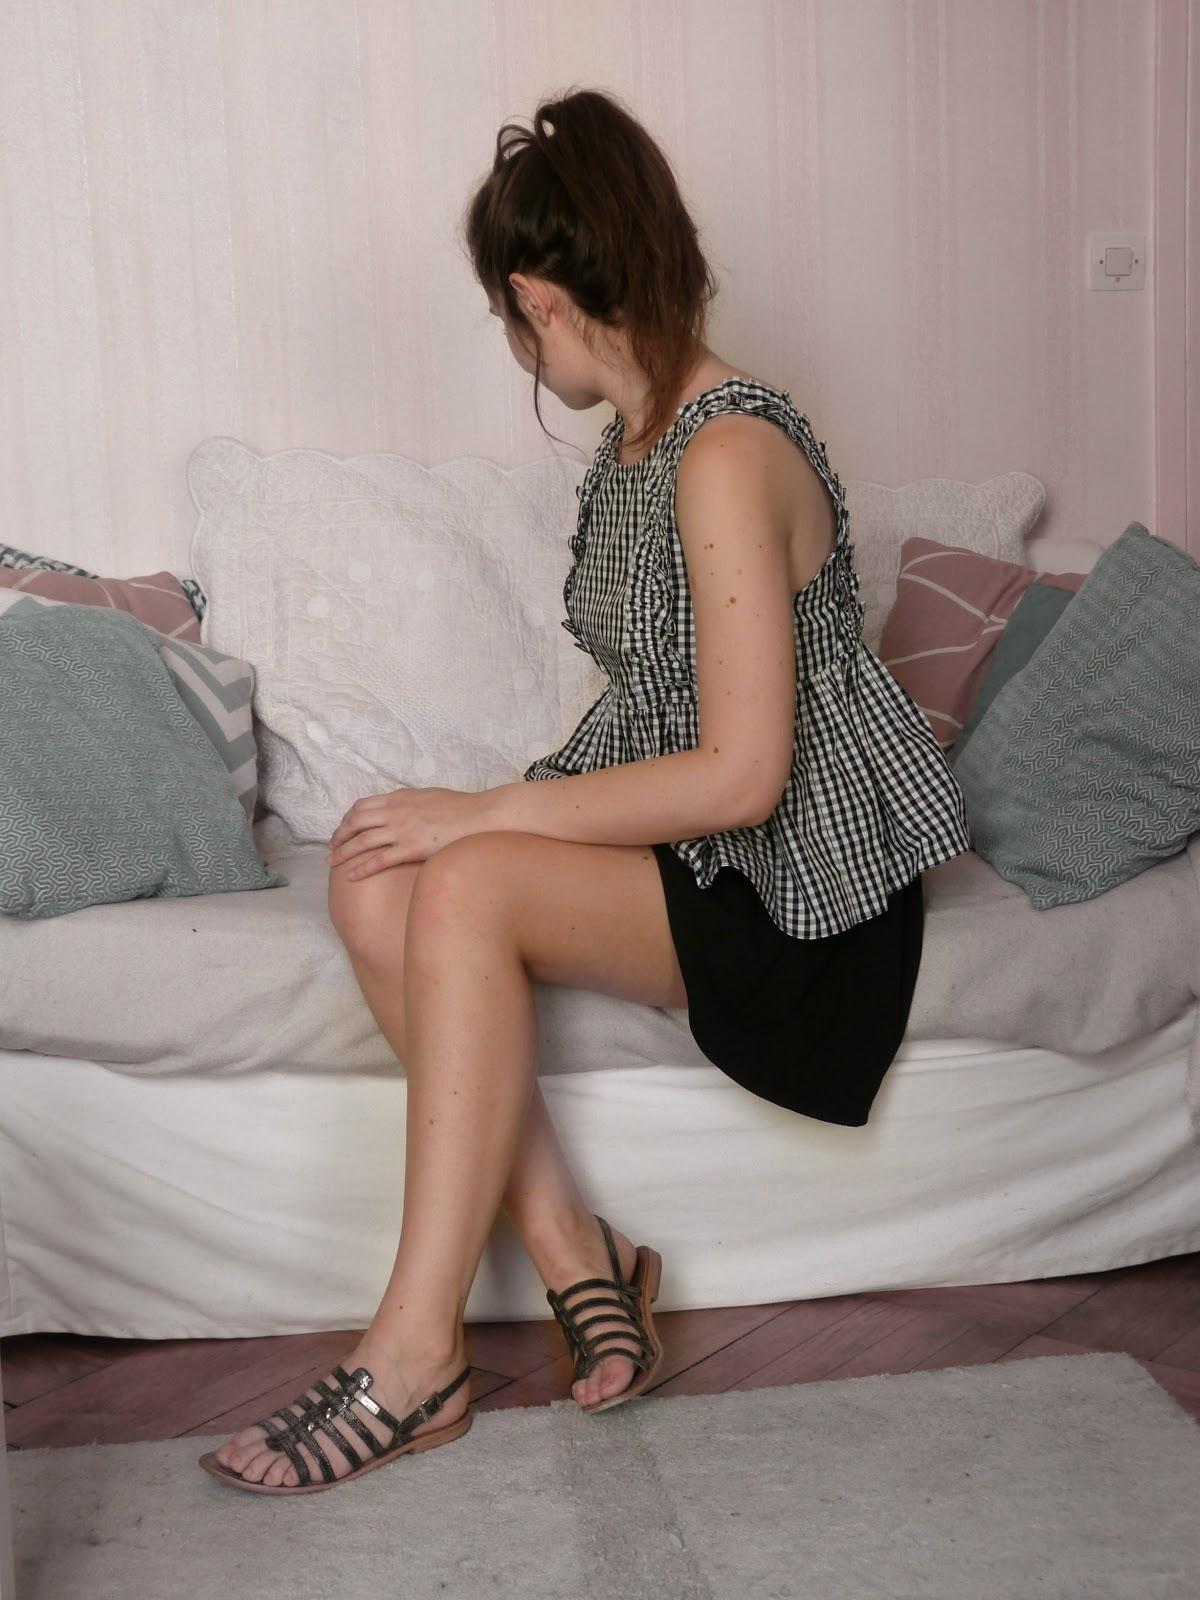 Summer 2017 Shopping finds - Zara gingham top